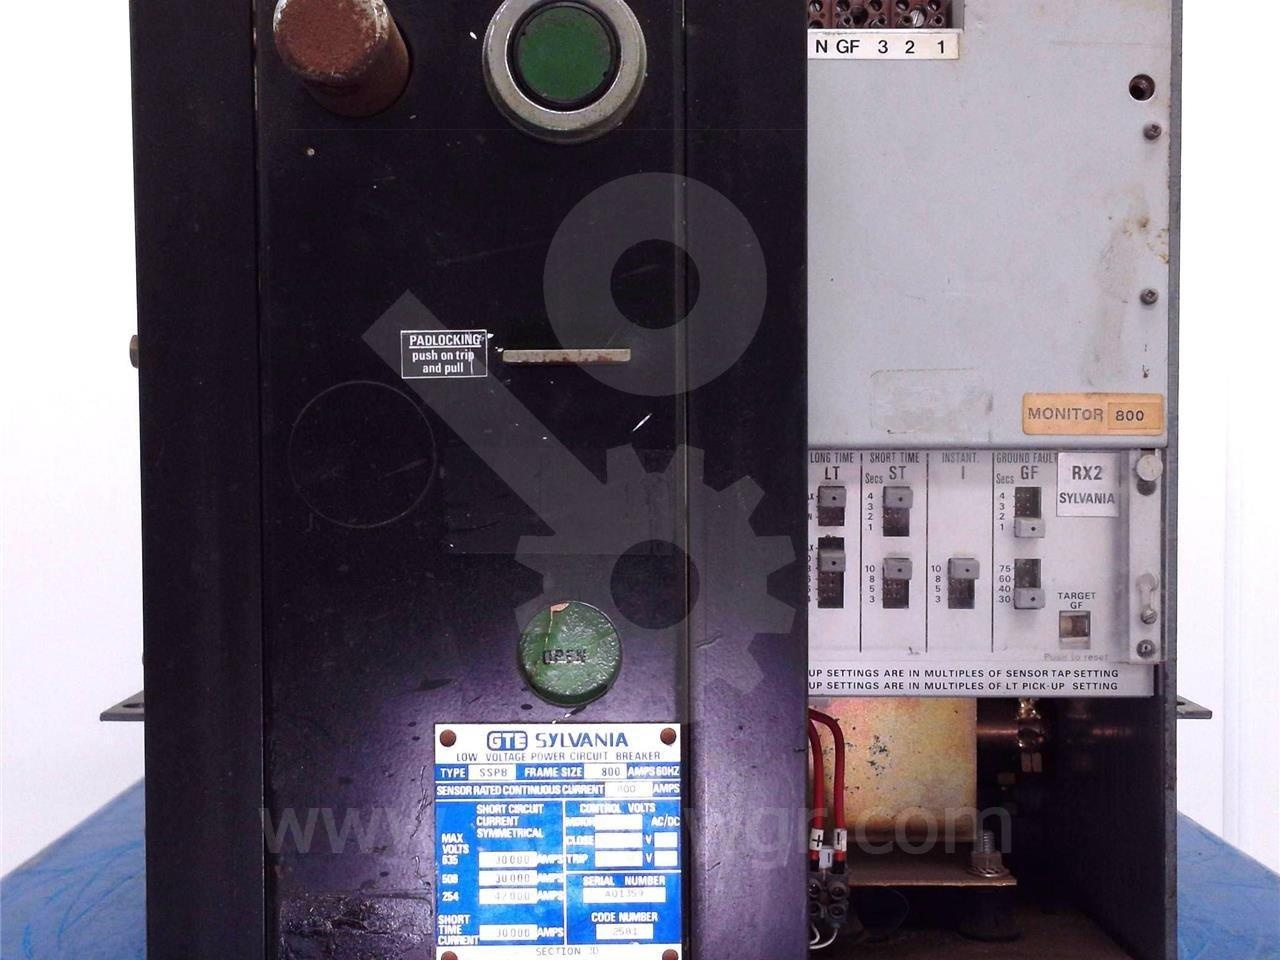 SSPB-800 - 800A SYLVANIA SSPB MO/DO